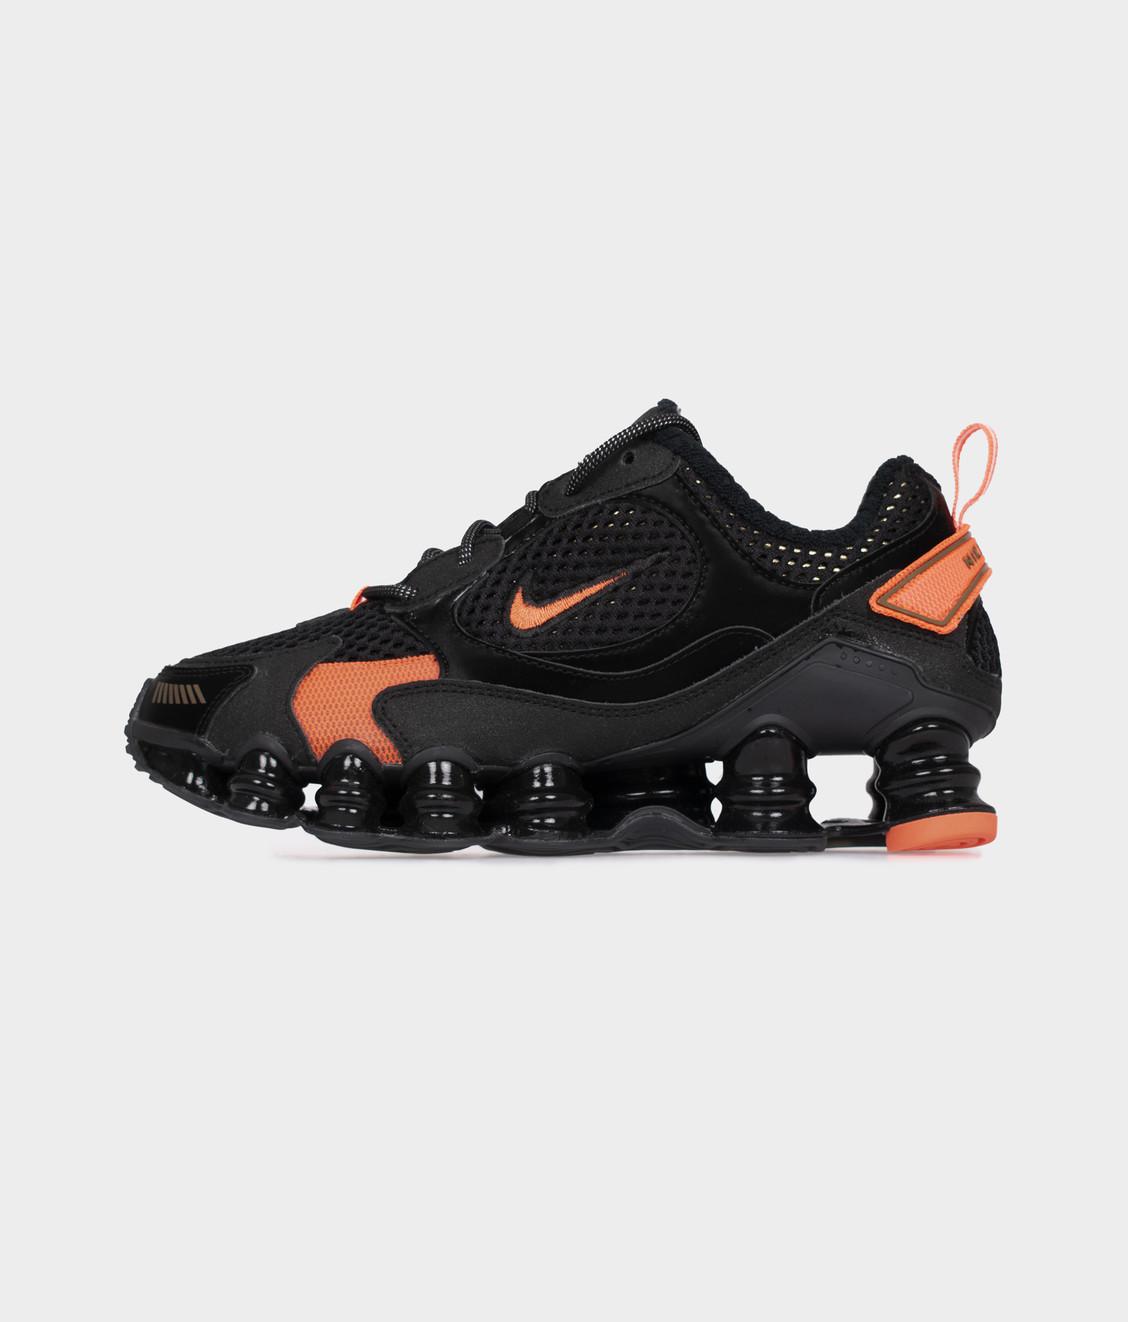 Nike Nike Shox TL Nova SP Black Hyper Crimson